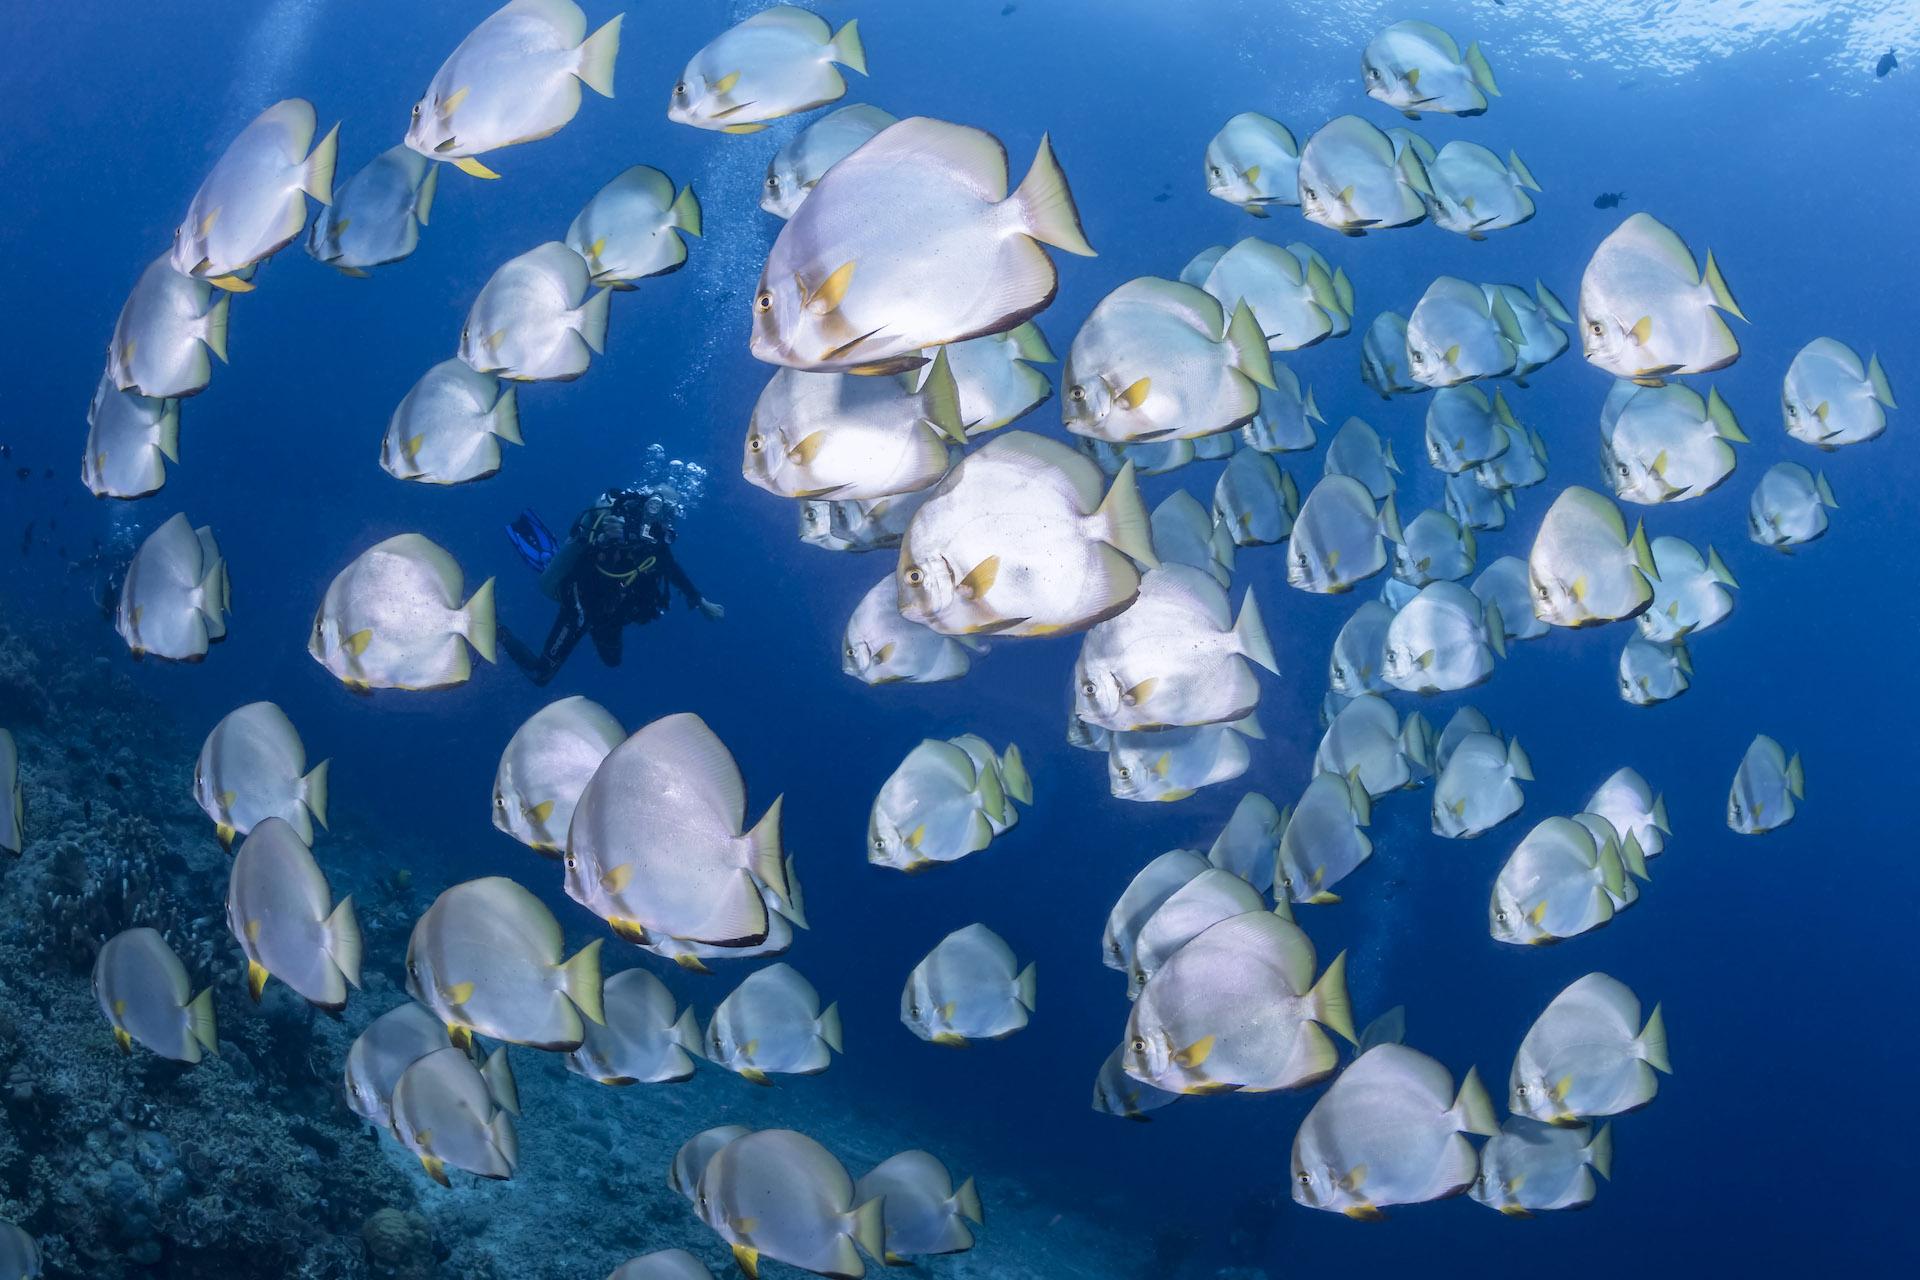 Bunaken - Batfish